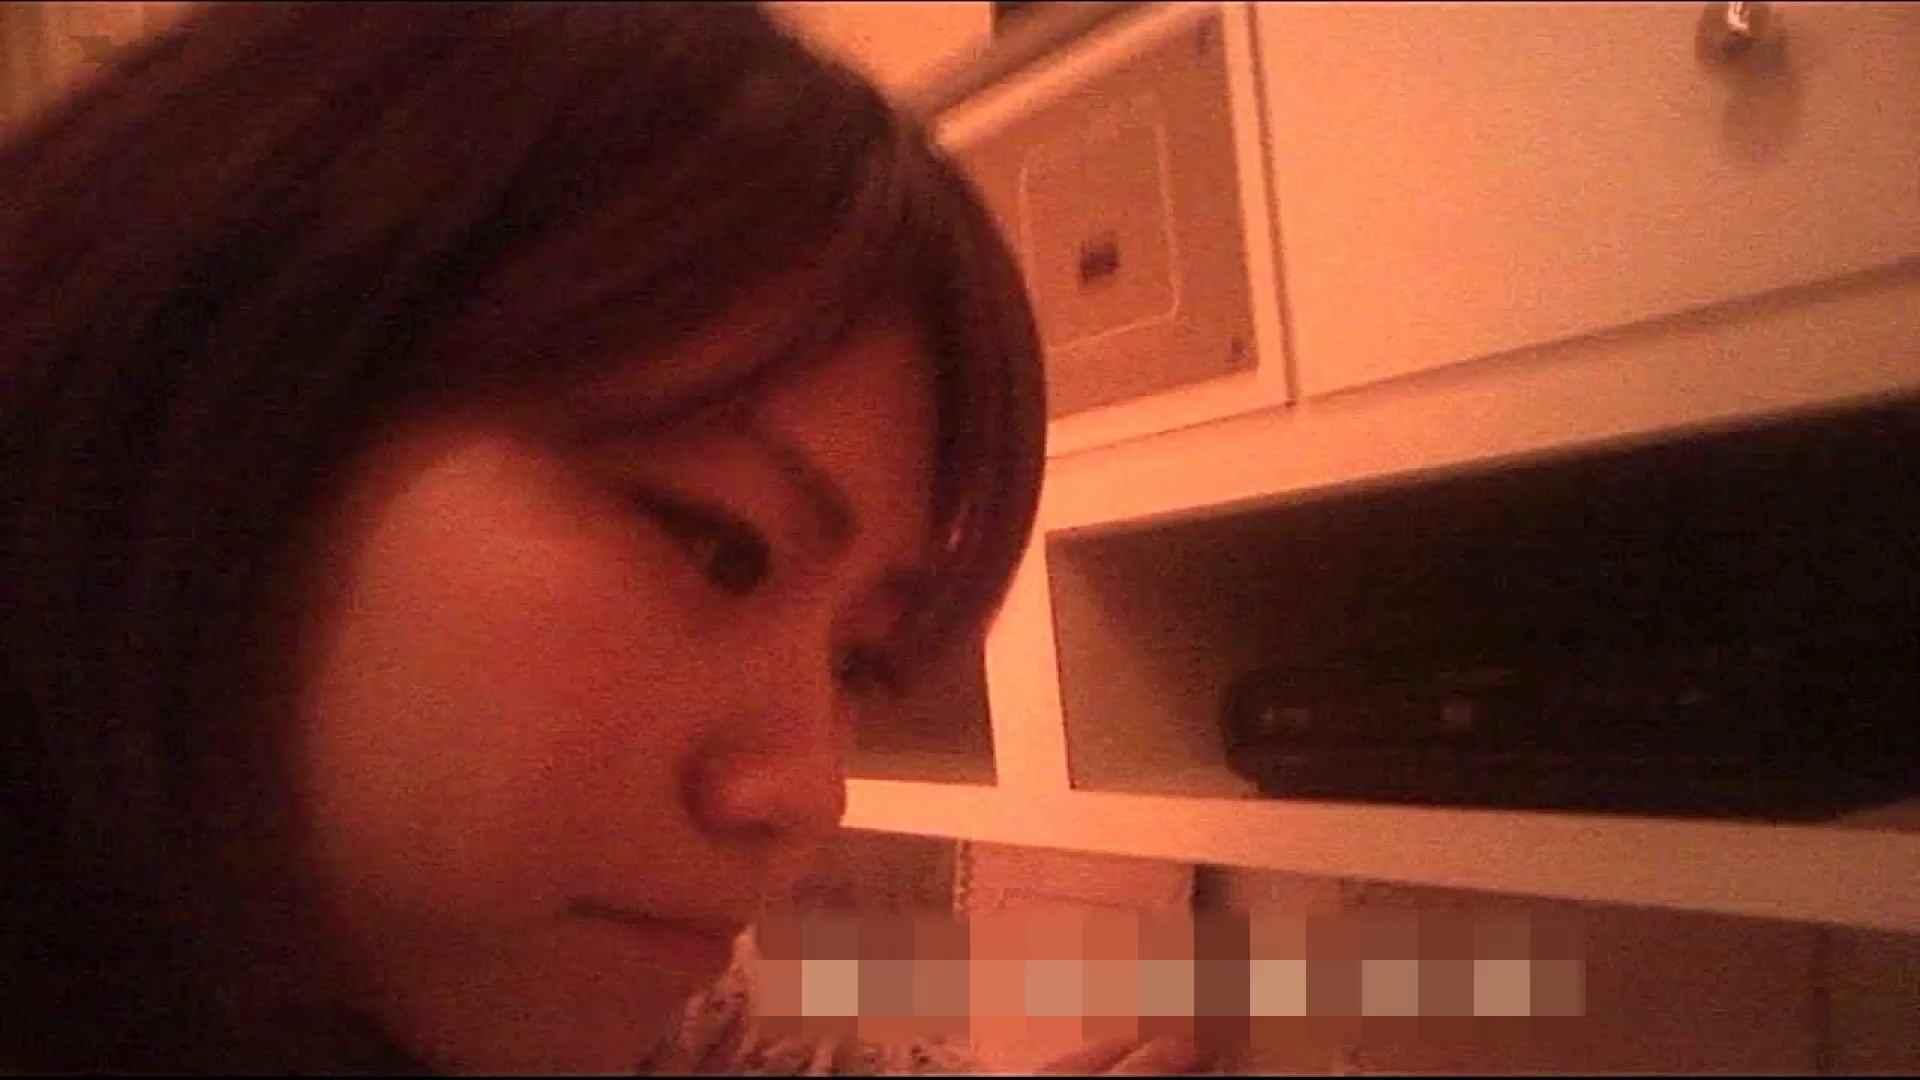 爆乳!!教育学部 じゅんちゃん  Vol.31 脱衣編 OLのボディ   爆乳  89PIX 17